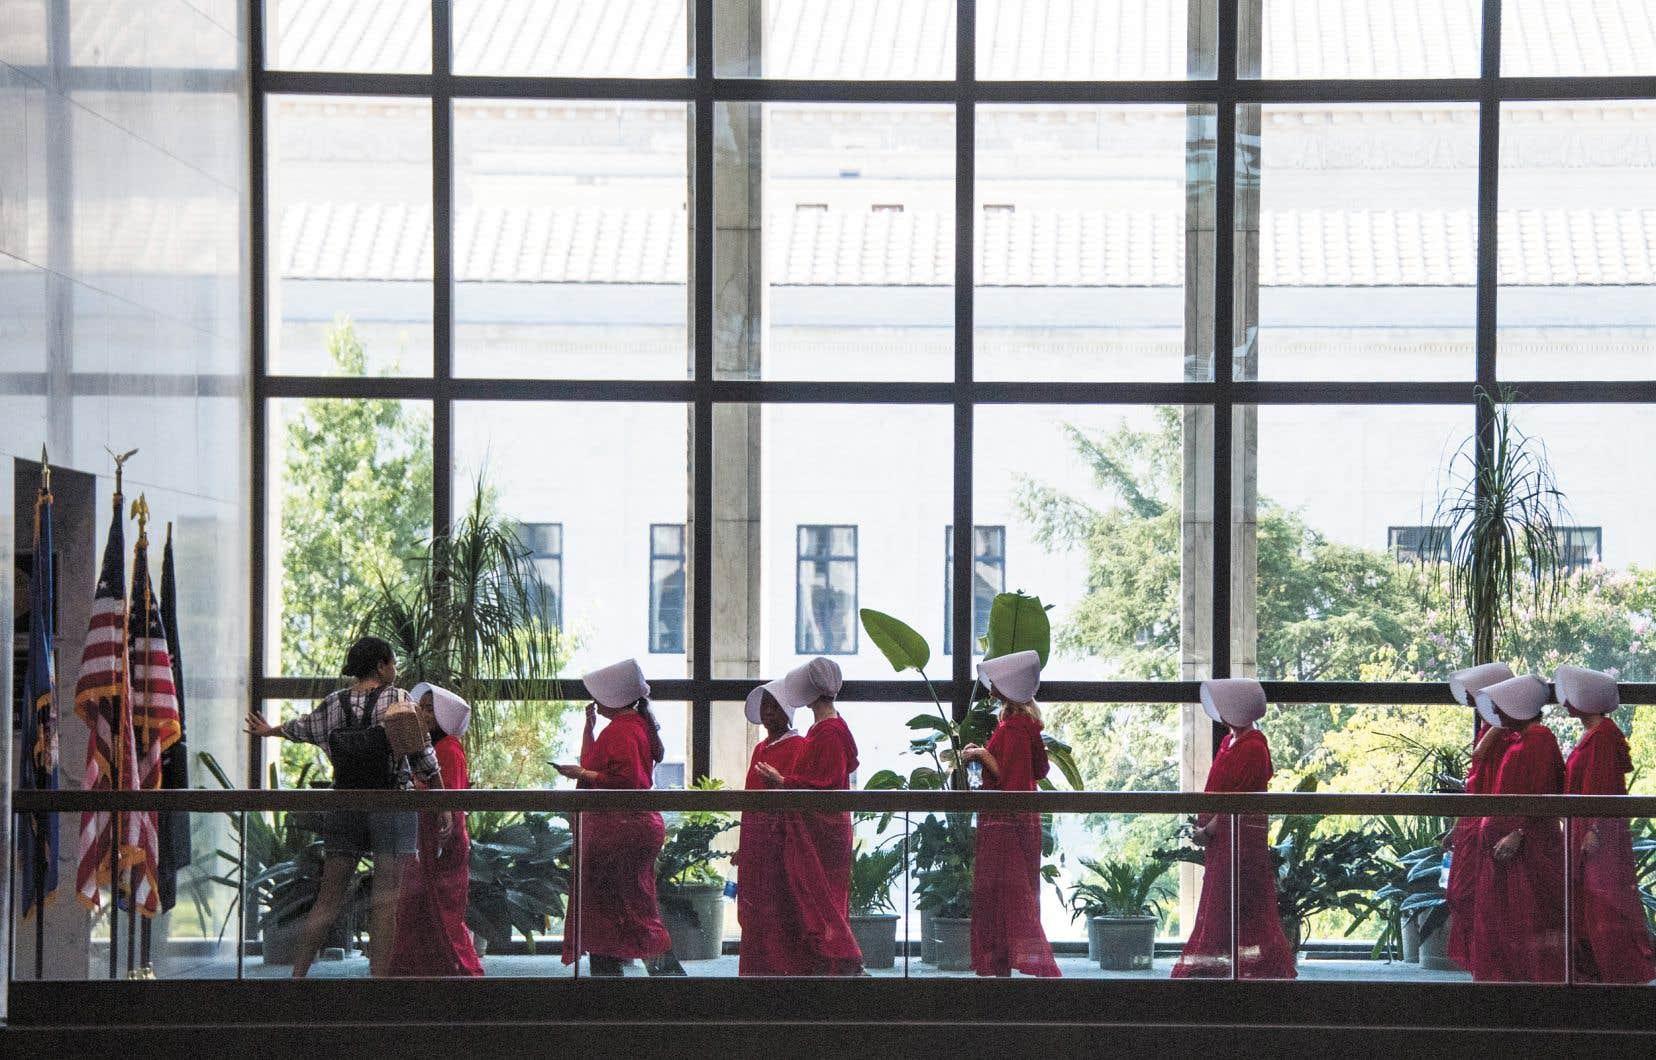 Des manifestantes revêtues du costume de «La servante écarlate» se sont récemment présentées au Sénat américain pour affirmer leur opposition avant la nomination du juge Brett Kavanaugh à la Cour suprême. La parole d'une victime ne suffit pas, il faut des preuves, affirmait cette semaine Melania Trump.